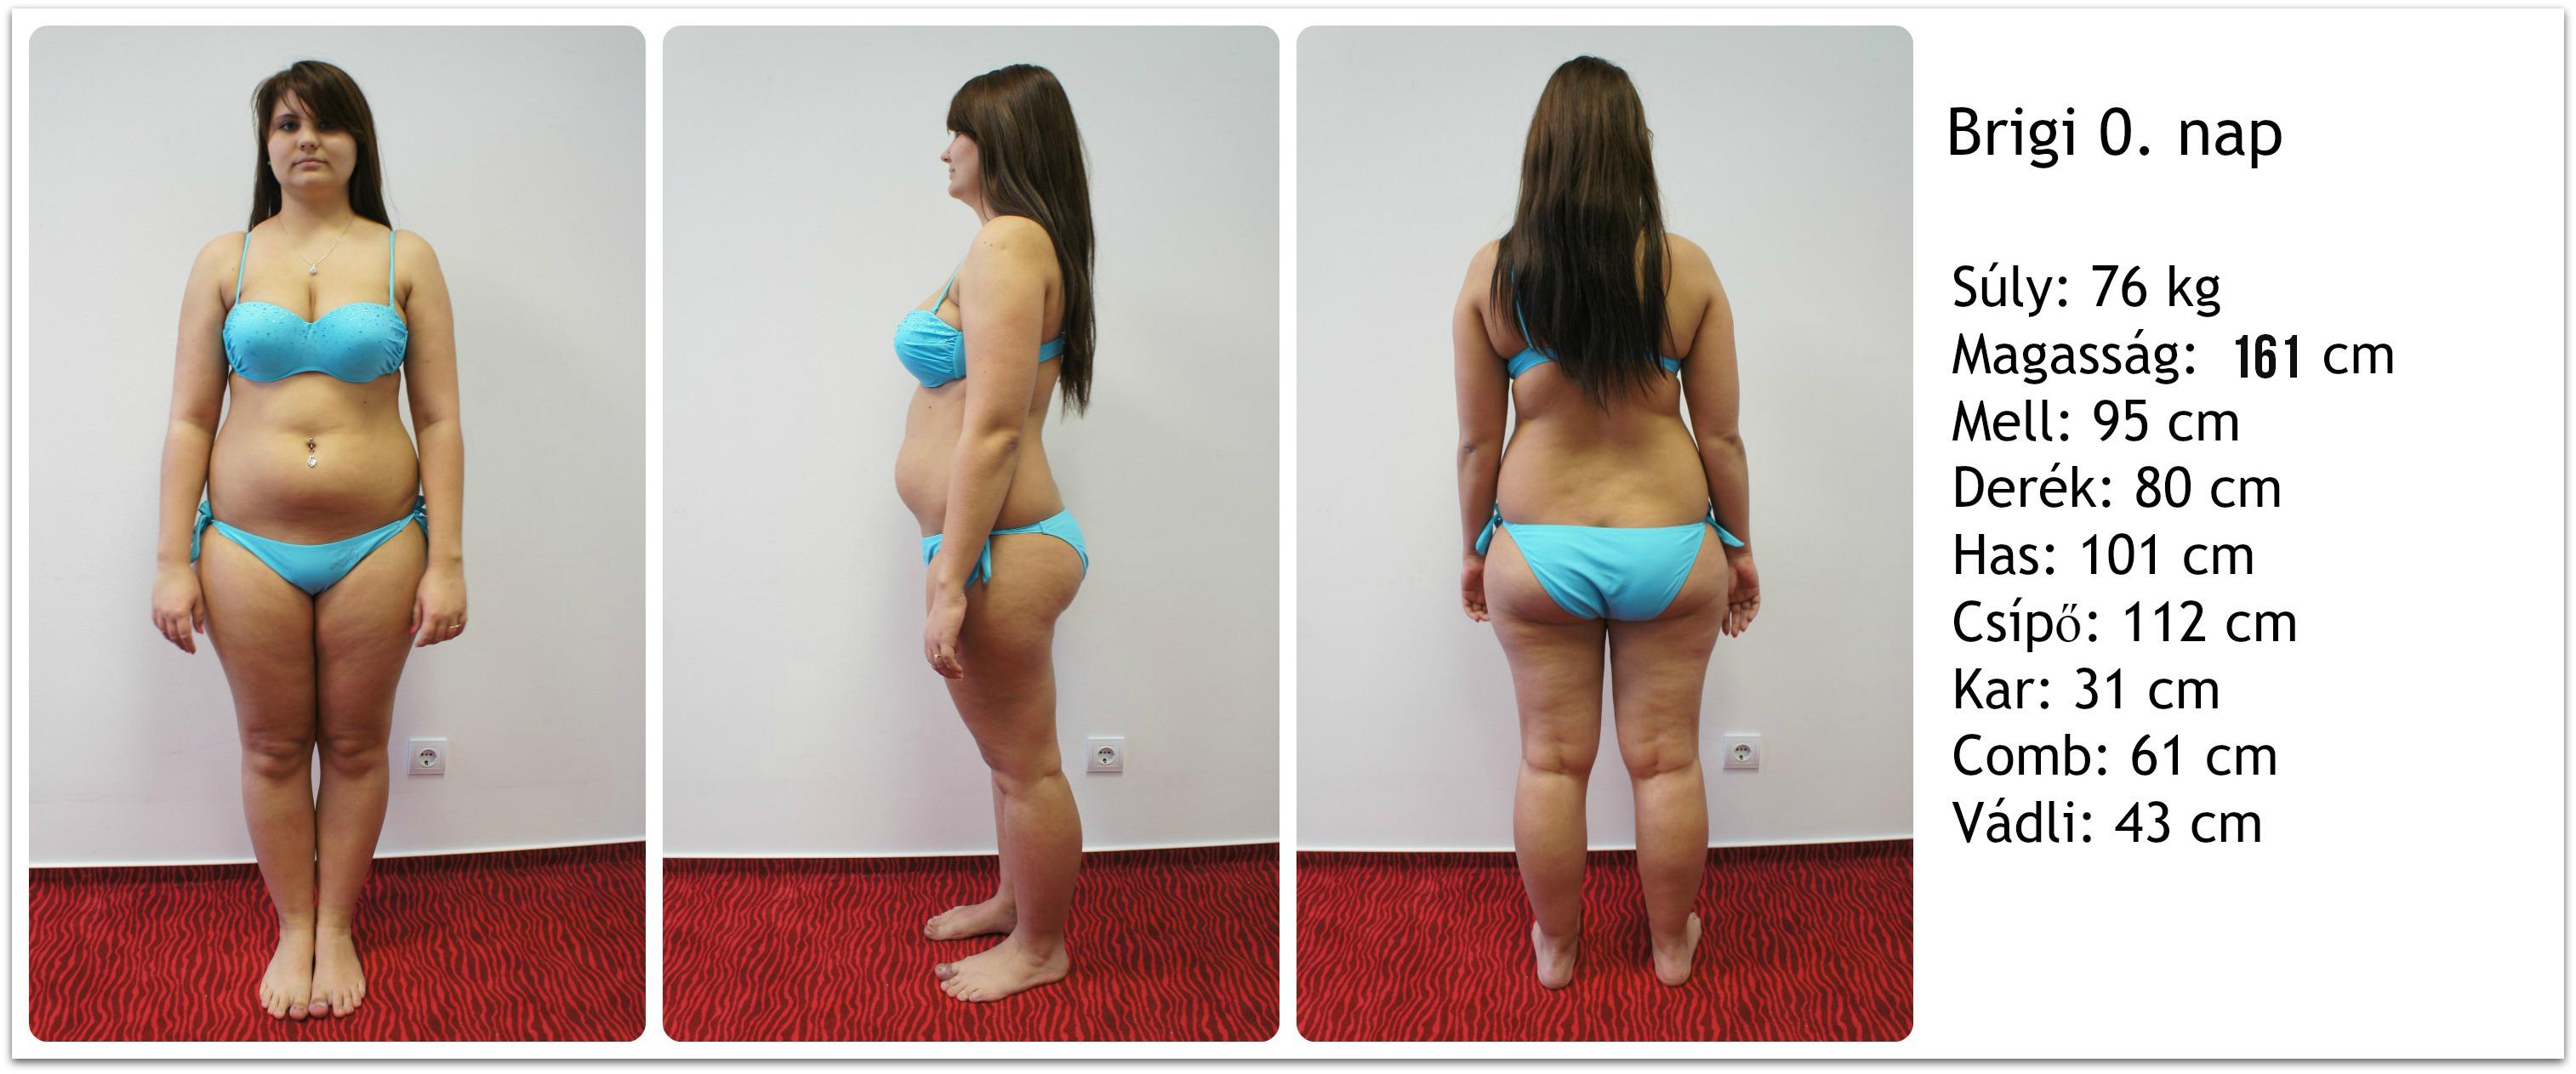 Könnyedén le lehet fogyni 25 kilót négy hónap alatt! - szalok-szallas.hu